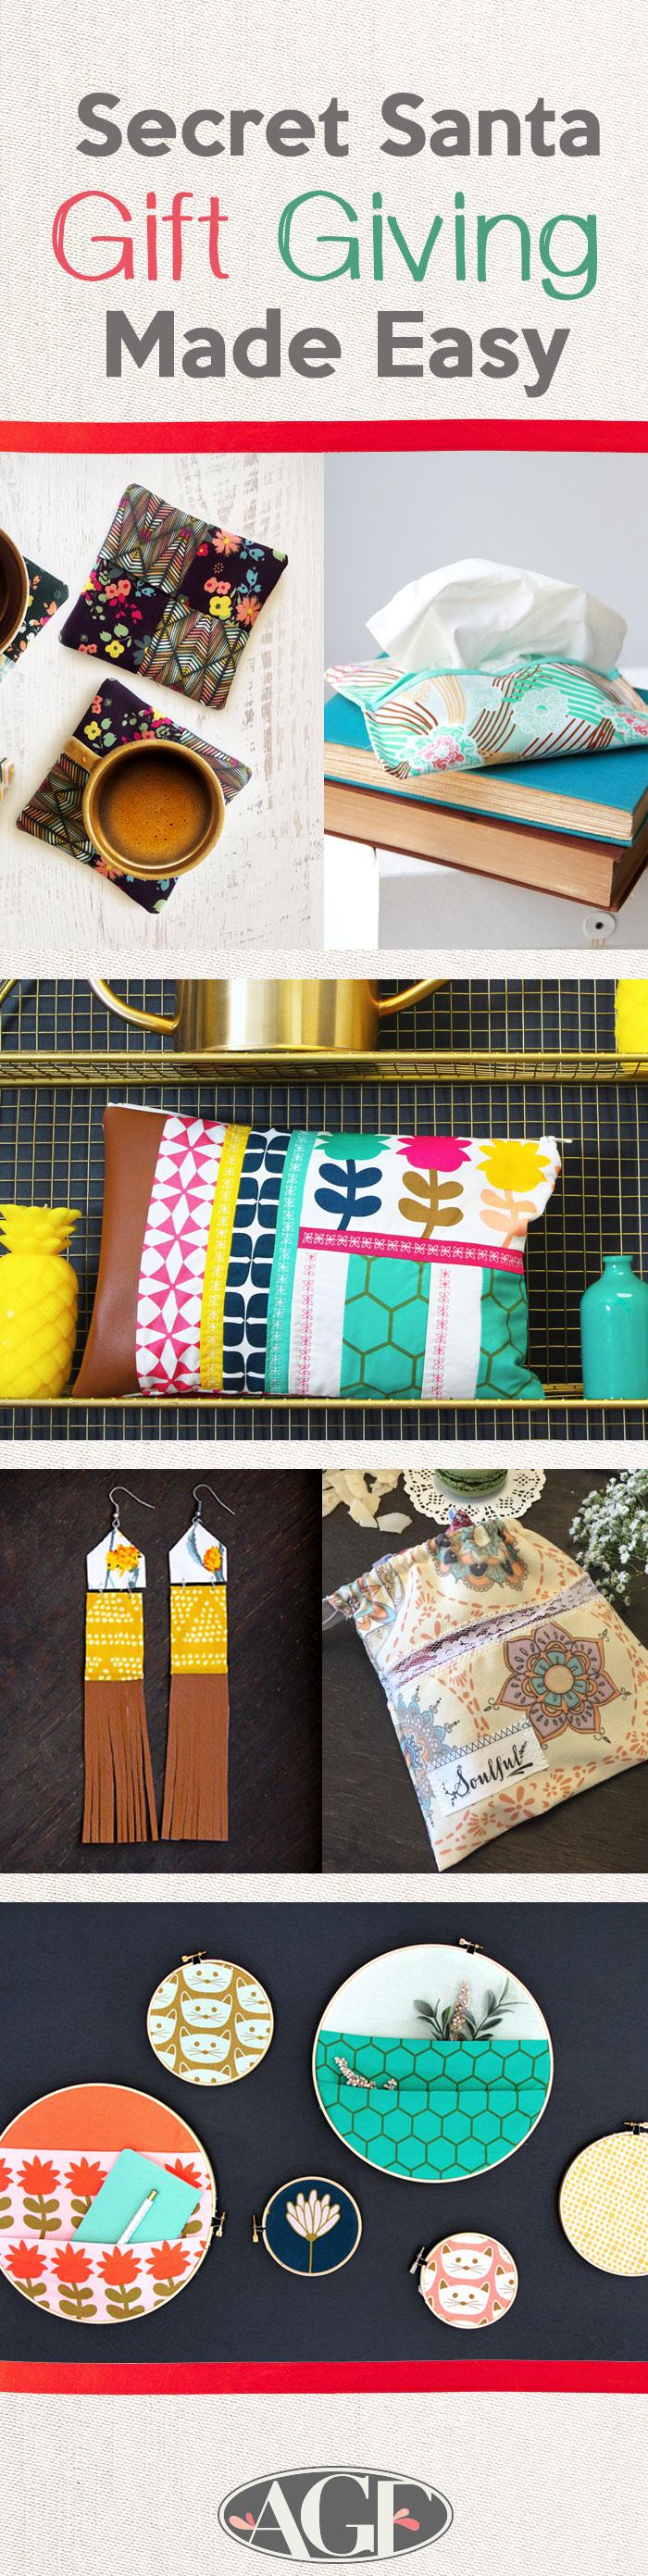 Pinterest-Secret Santa-Gift Giving Made Easy